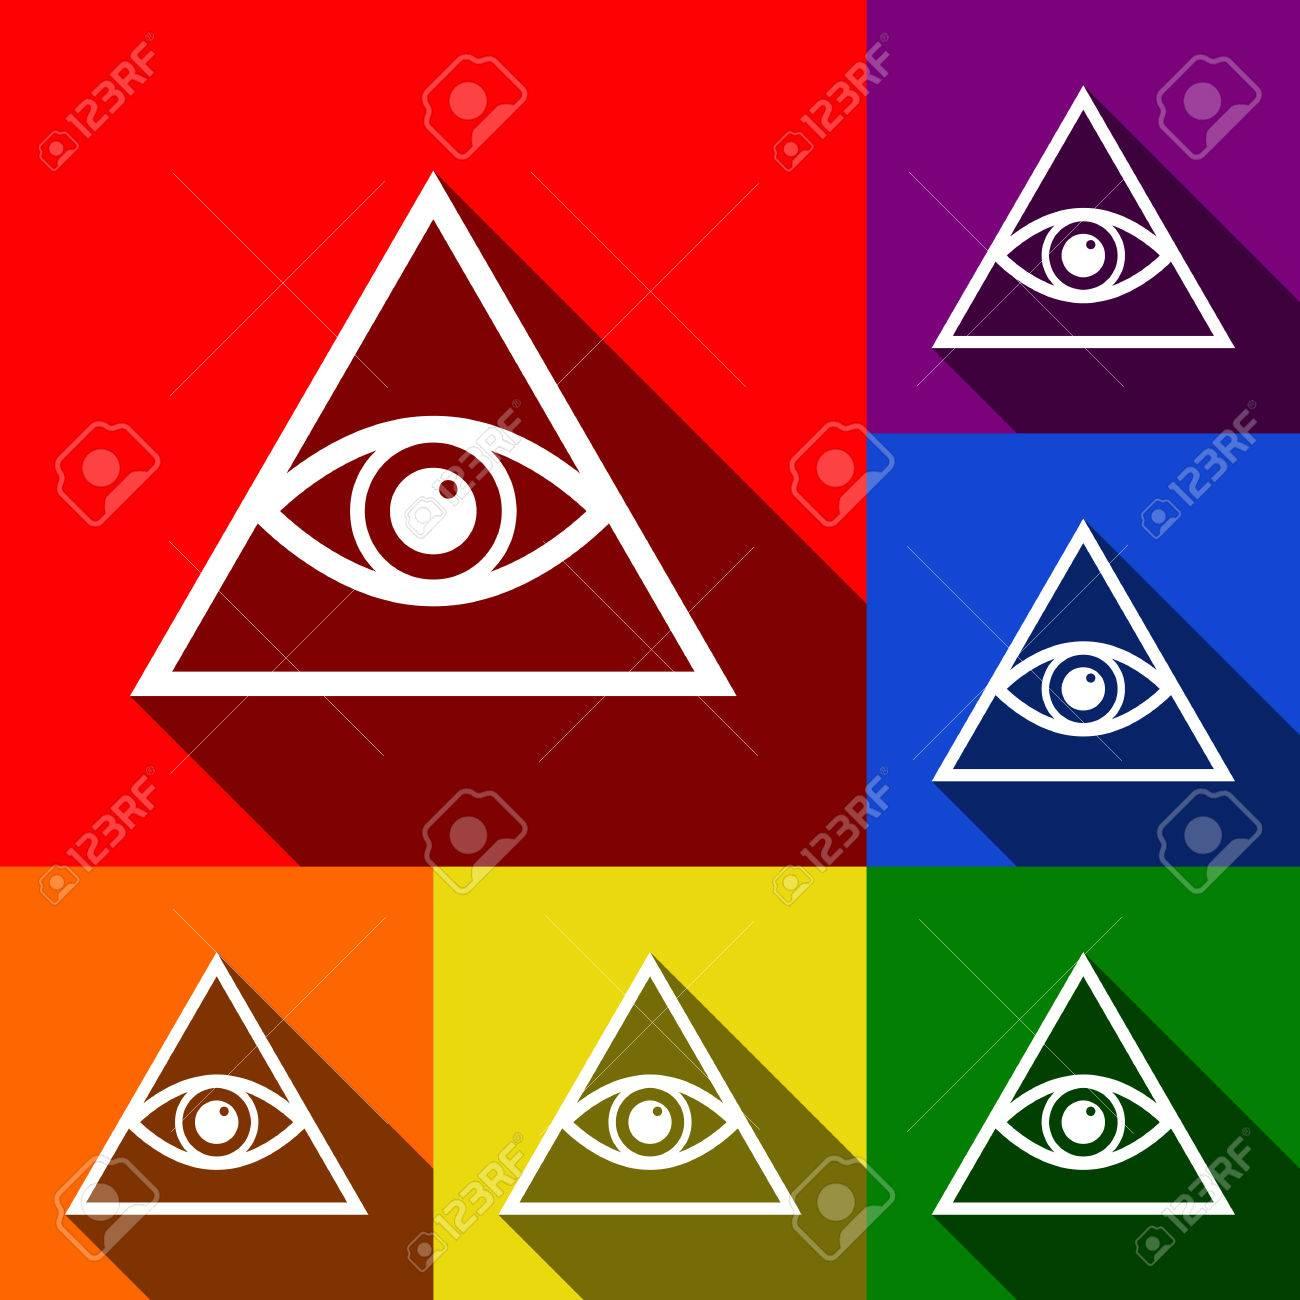 dcf4941e85cb2 Foto de archivo - Todo el símbolo de la pirámide del ojo que ve. Francmasón  y espiritual. Vector. Conjunto de iconos con sombras planas en el fondo  rojo